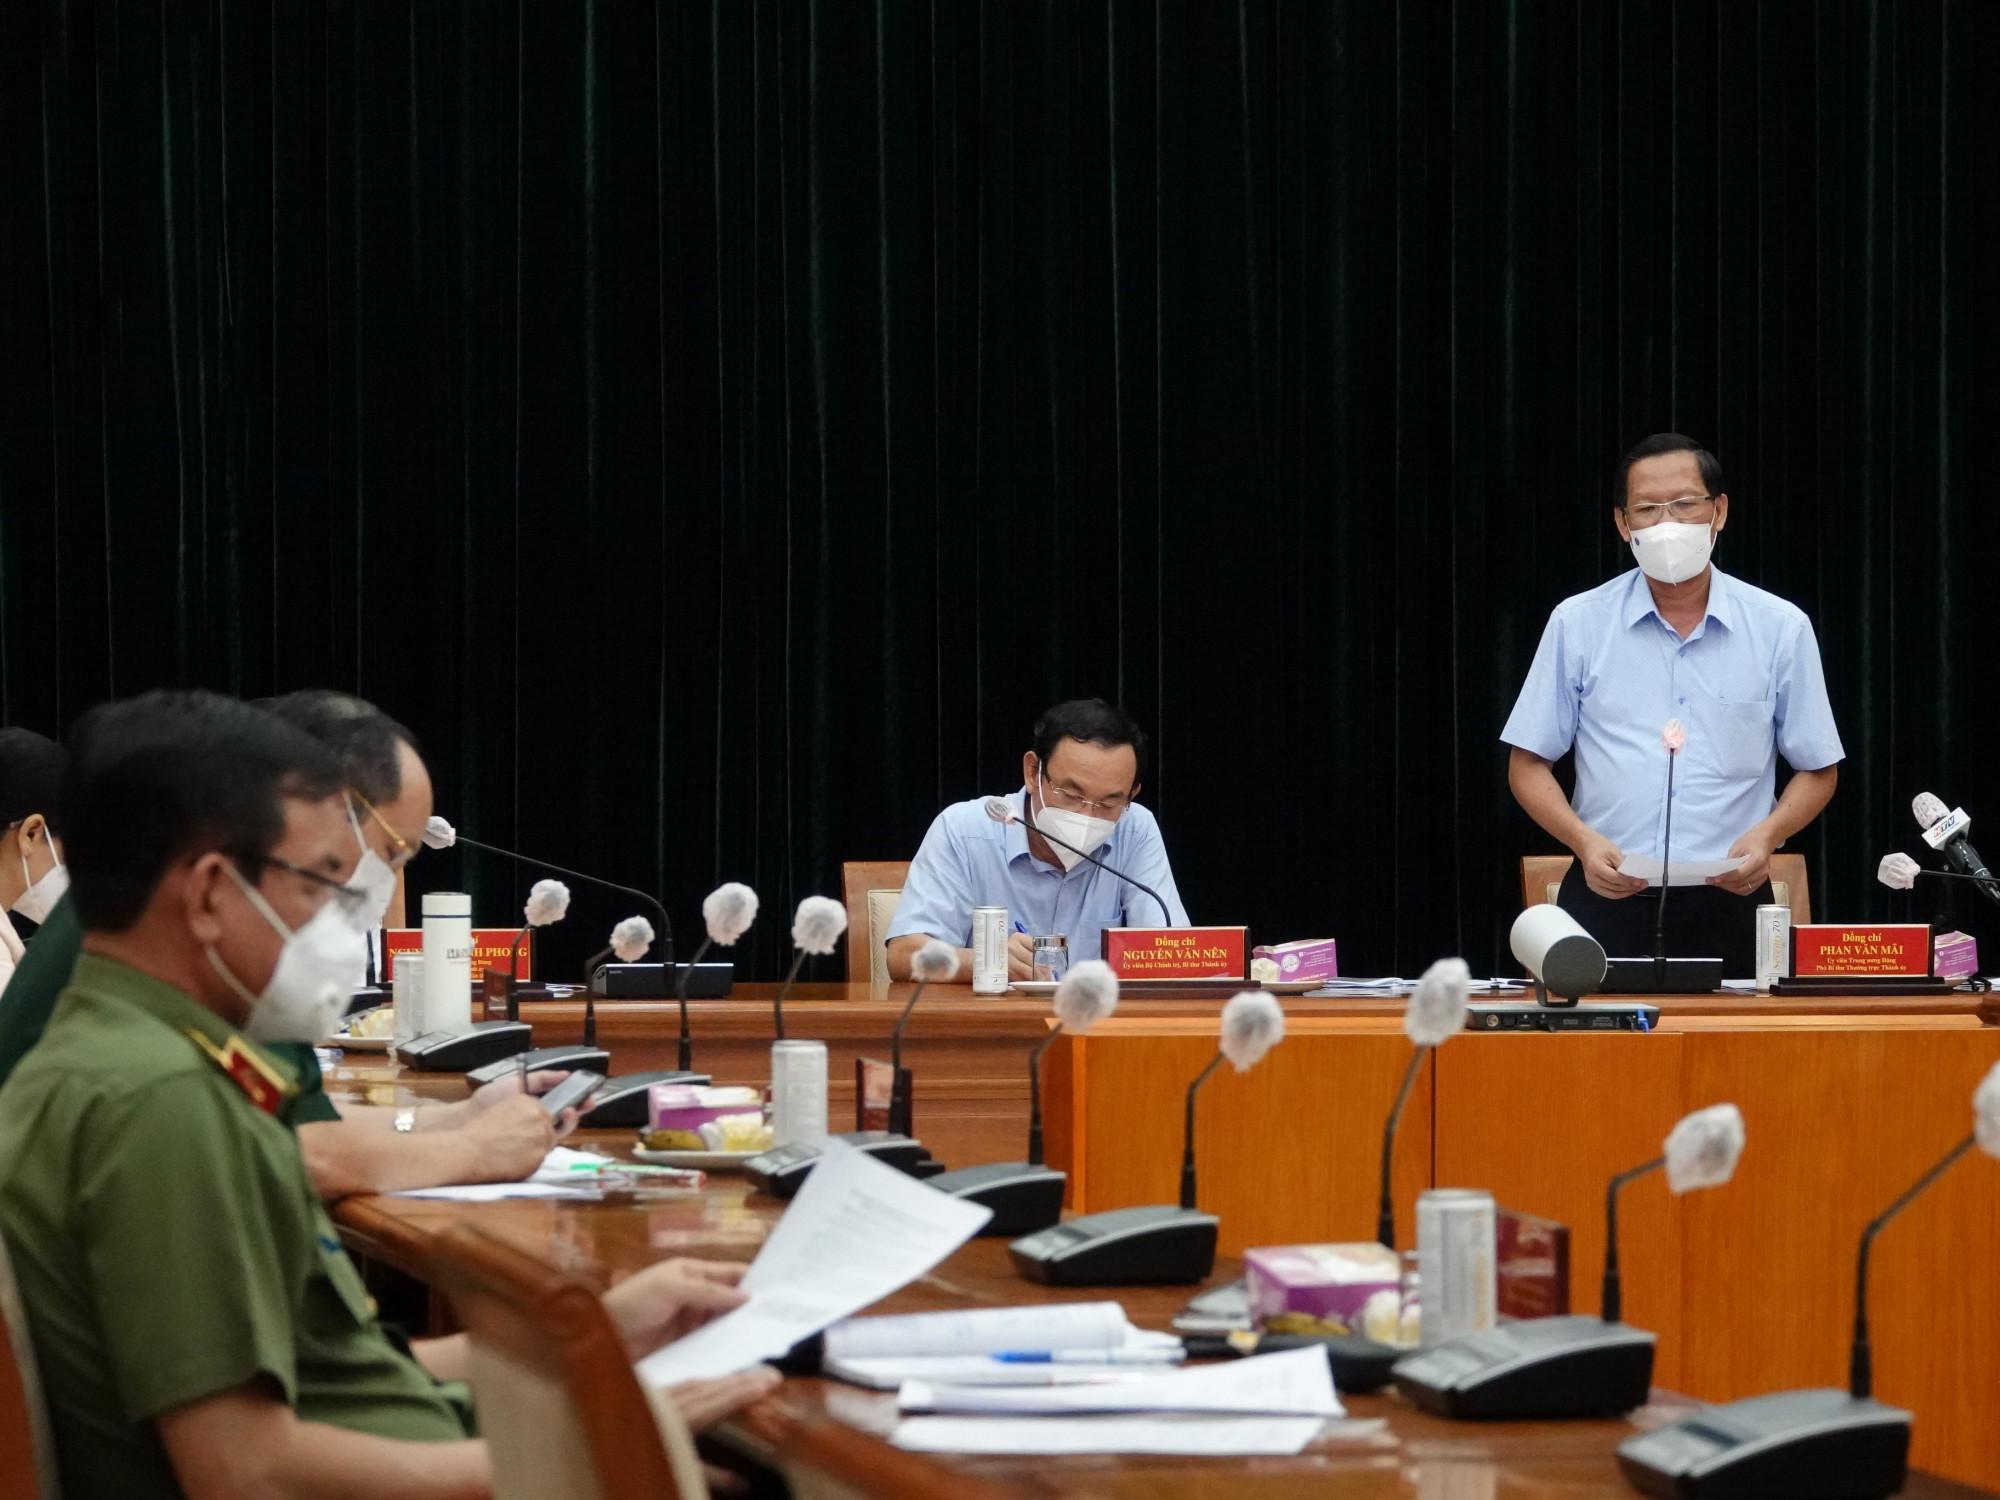 Phó Bí thư thường trực Thành ủy TPHCM Phan Văn Mãi thông tin một số nội dung thành phố đã làm và chưa làm trong 2 tuần áp dụng Chỉ thị 16